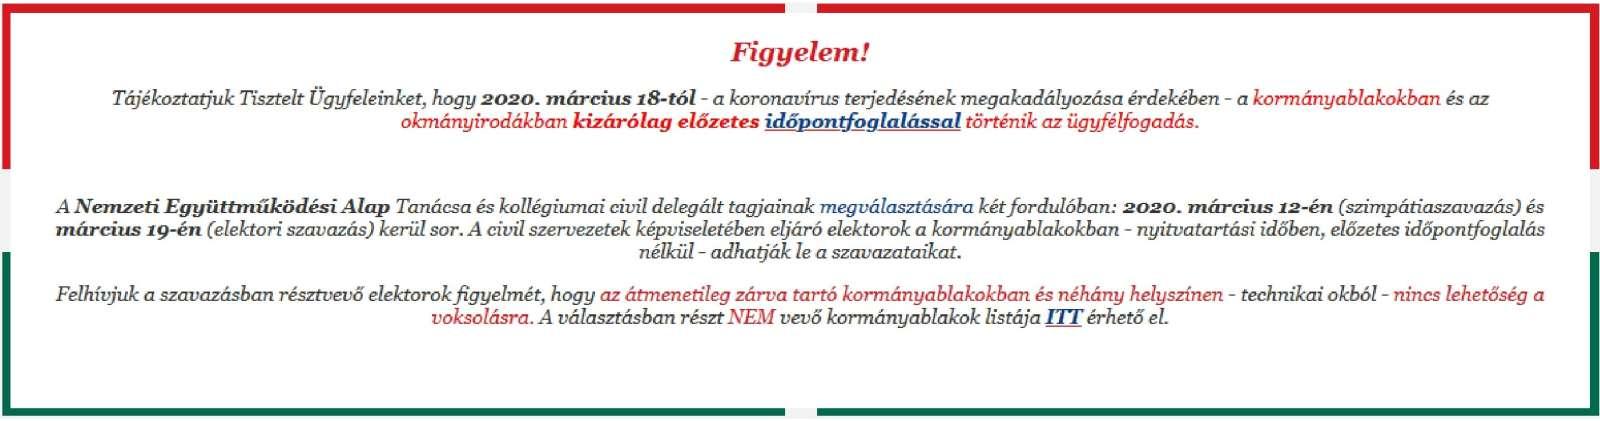 Kormányablak - Tájékoztató-page-